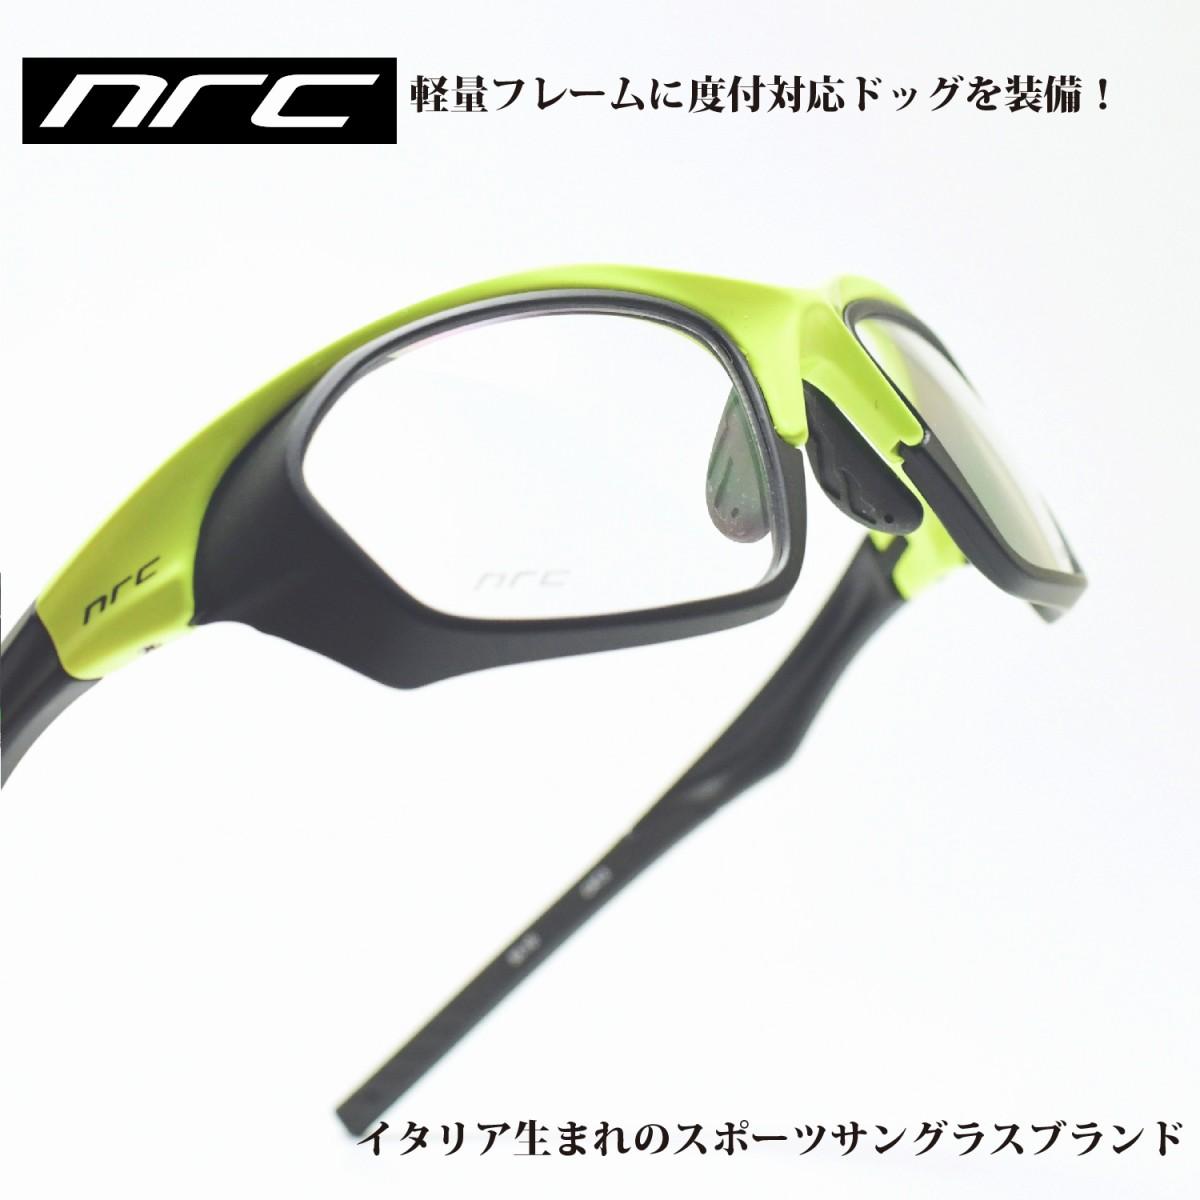 nrc エヌアールシー S5SHINY YELLOW/OPTICAL DOCメガネ 眼鏡 めがね メンズ レディース おしゃれ ブランド人気 おすすめ フレーム 流行り 度付き レンズ サングラス